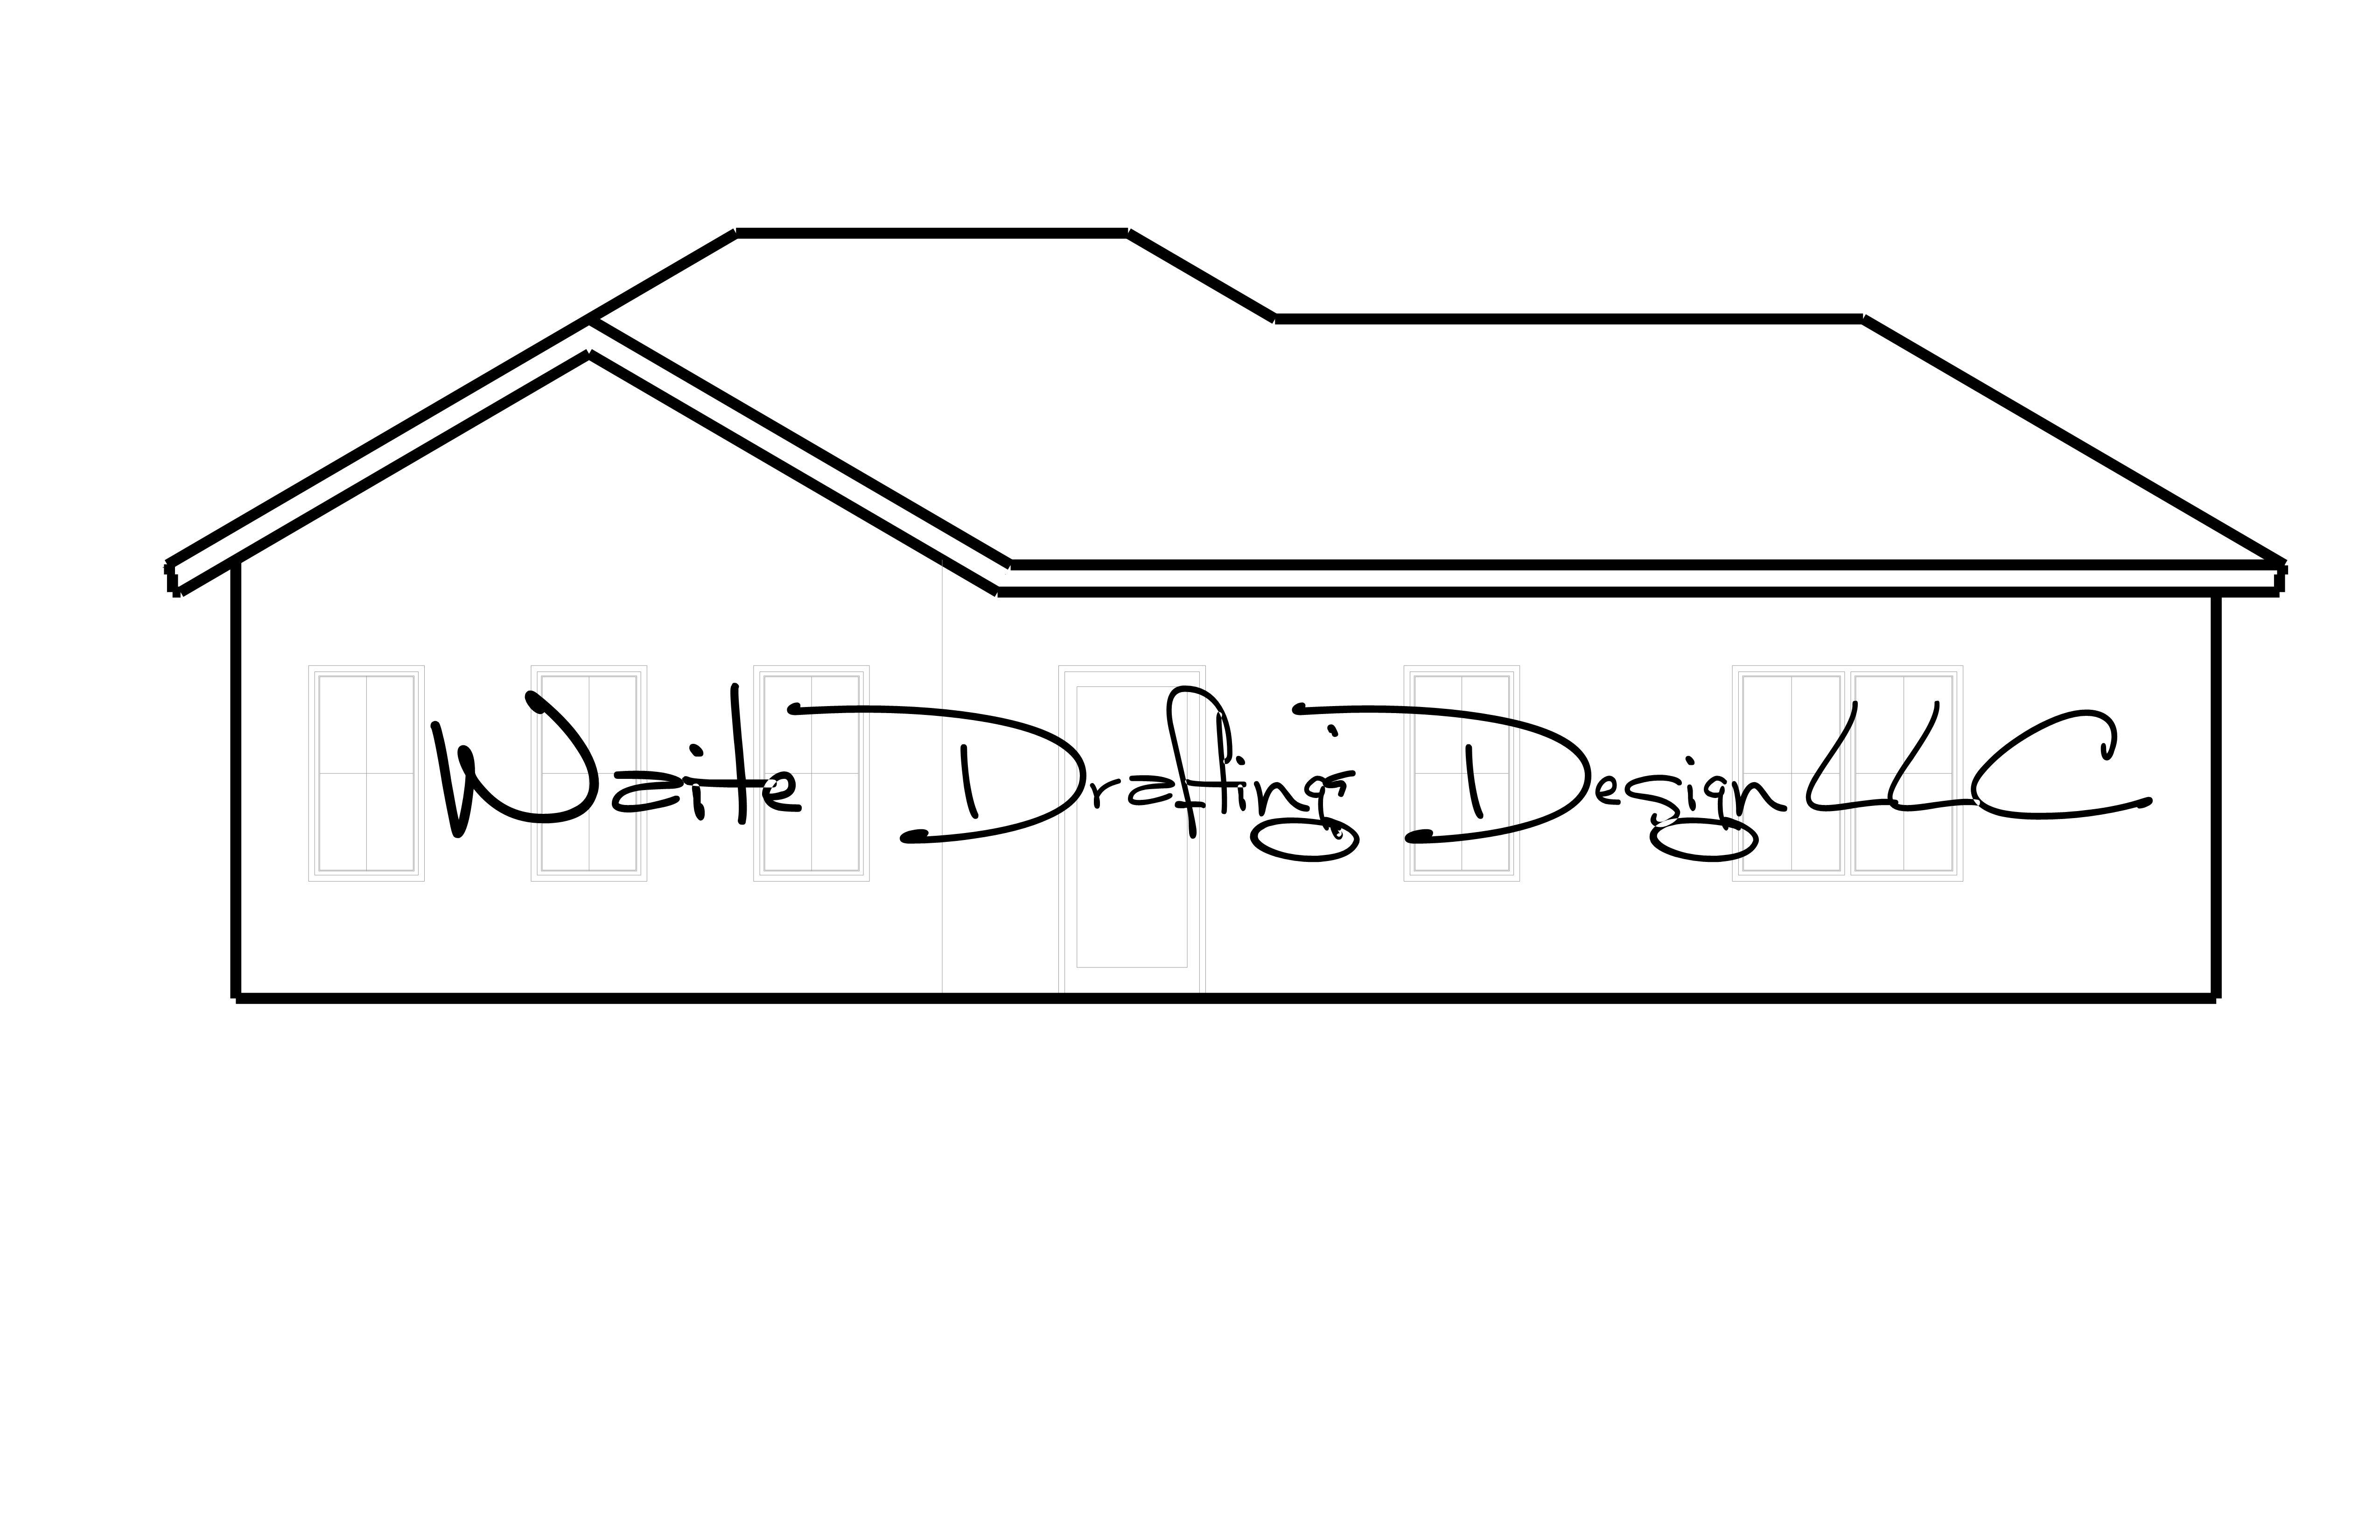 Waite Drafting & Design